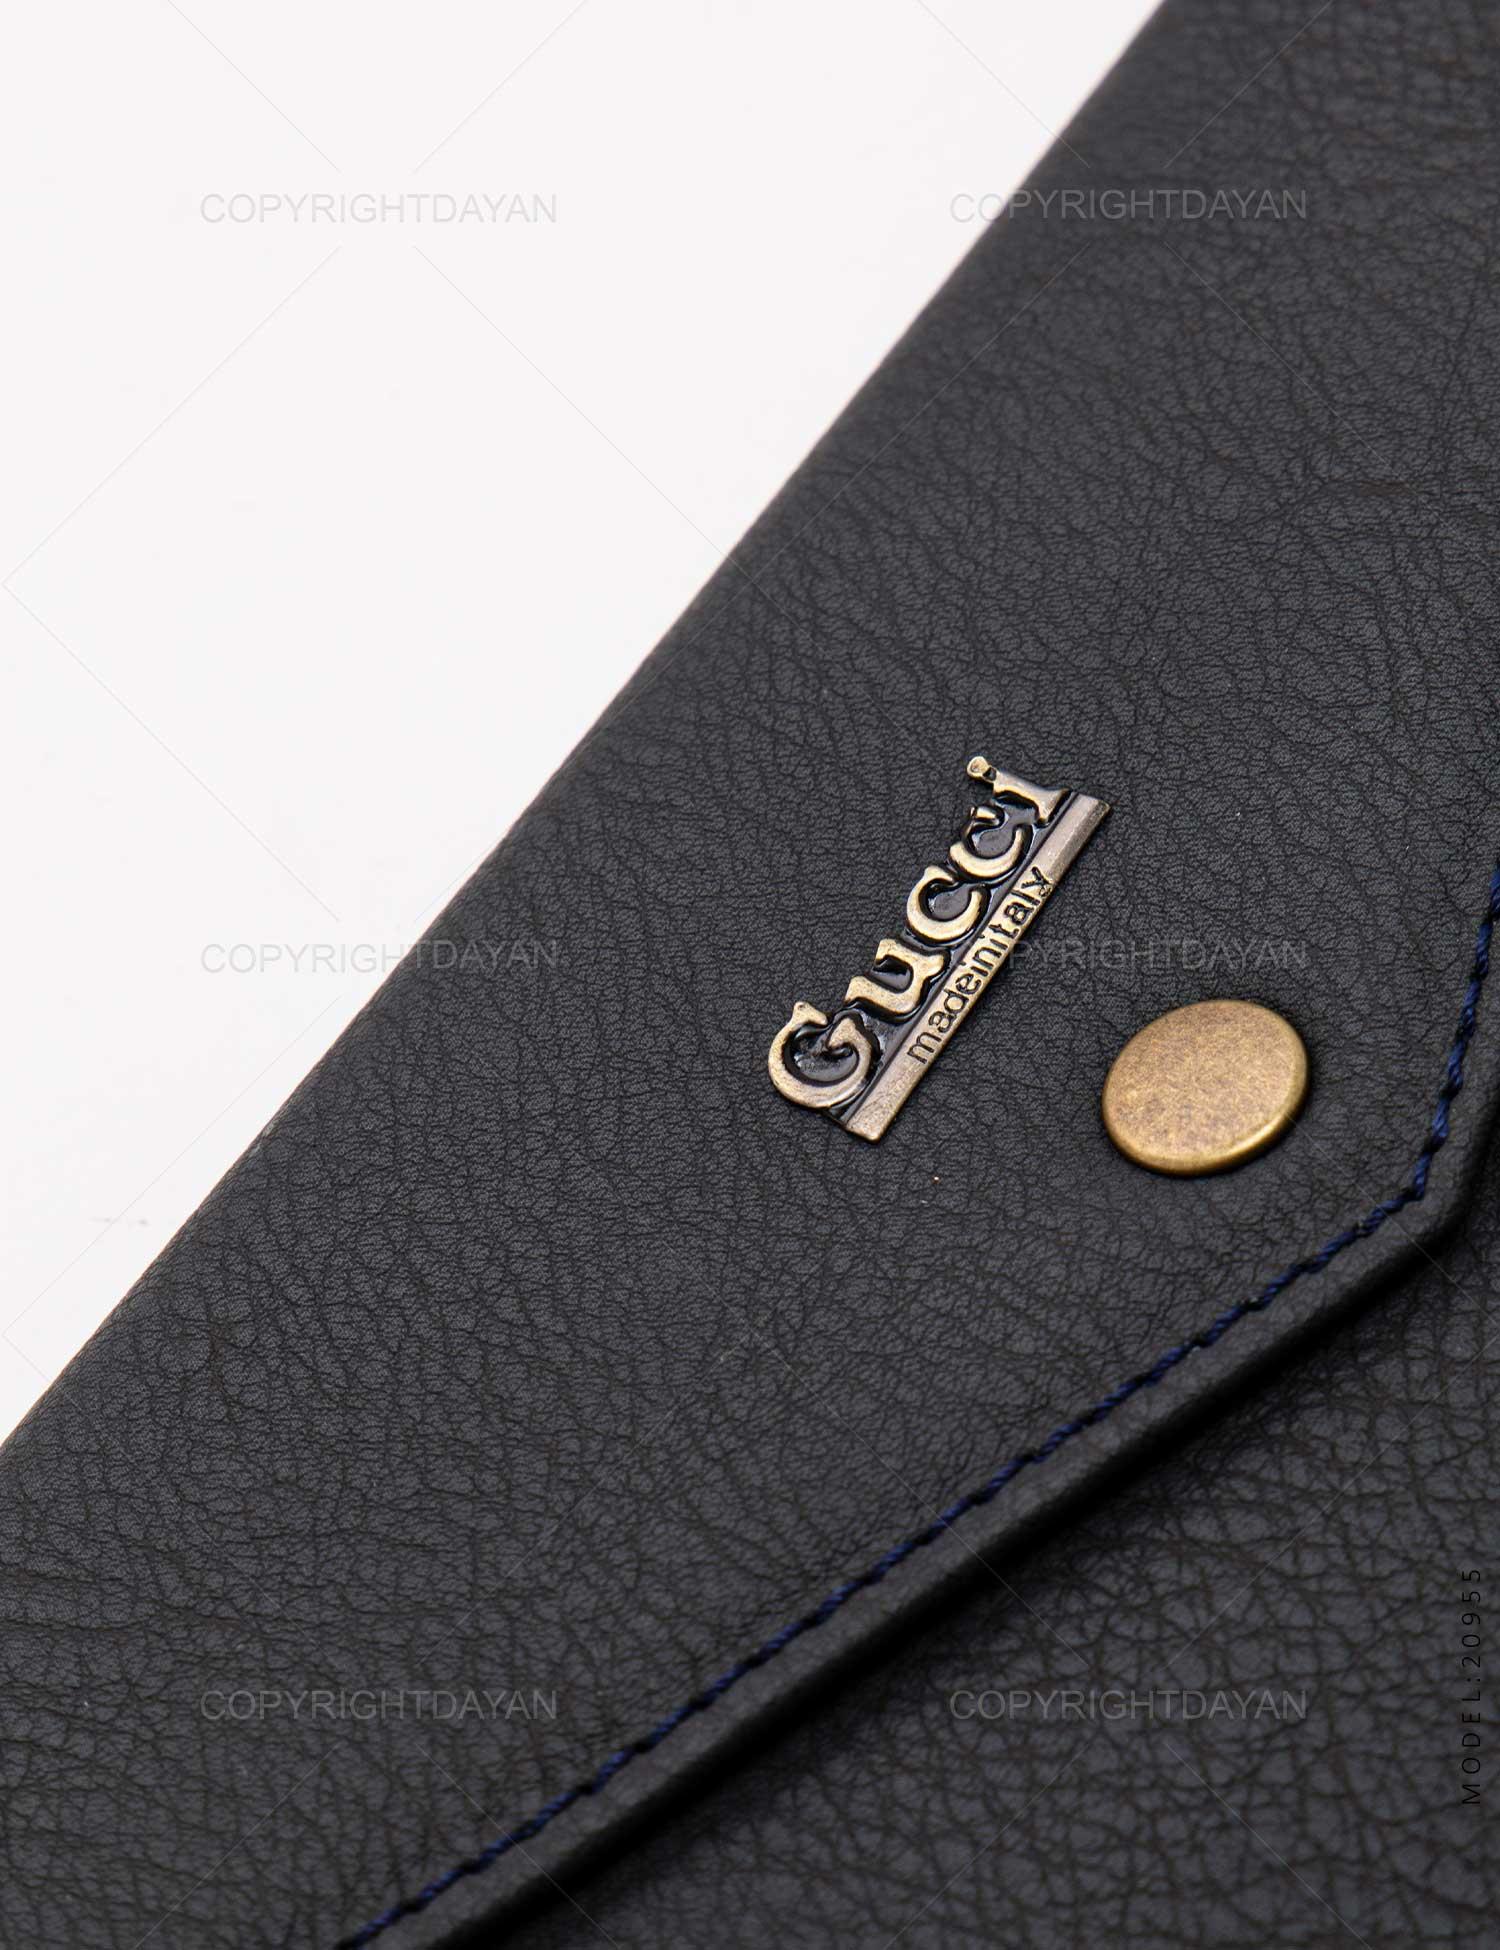 ست چرمی Gucci مدل 20955 ست چرمی Gucci مدل 20955 139,000 تومان